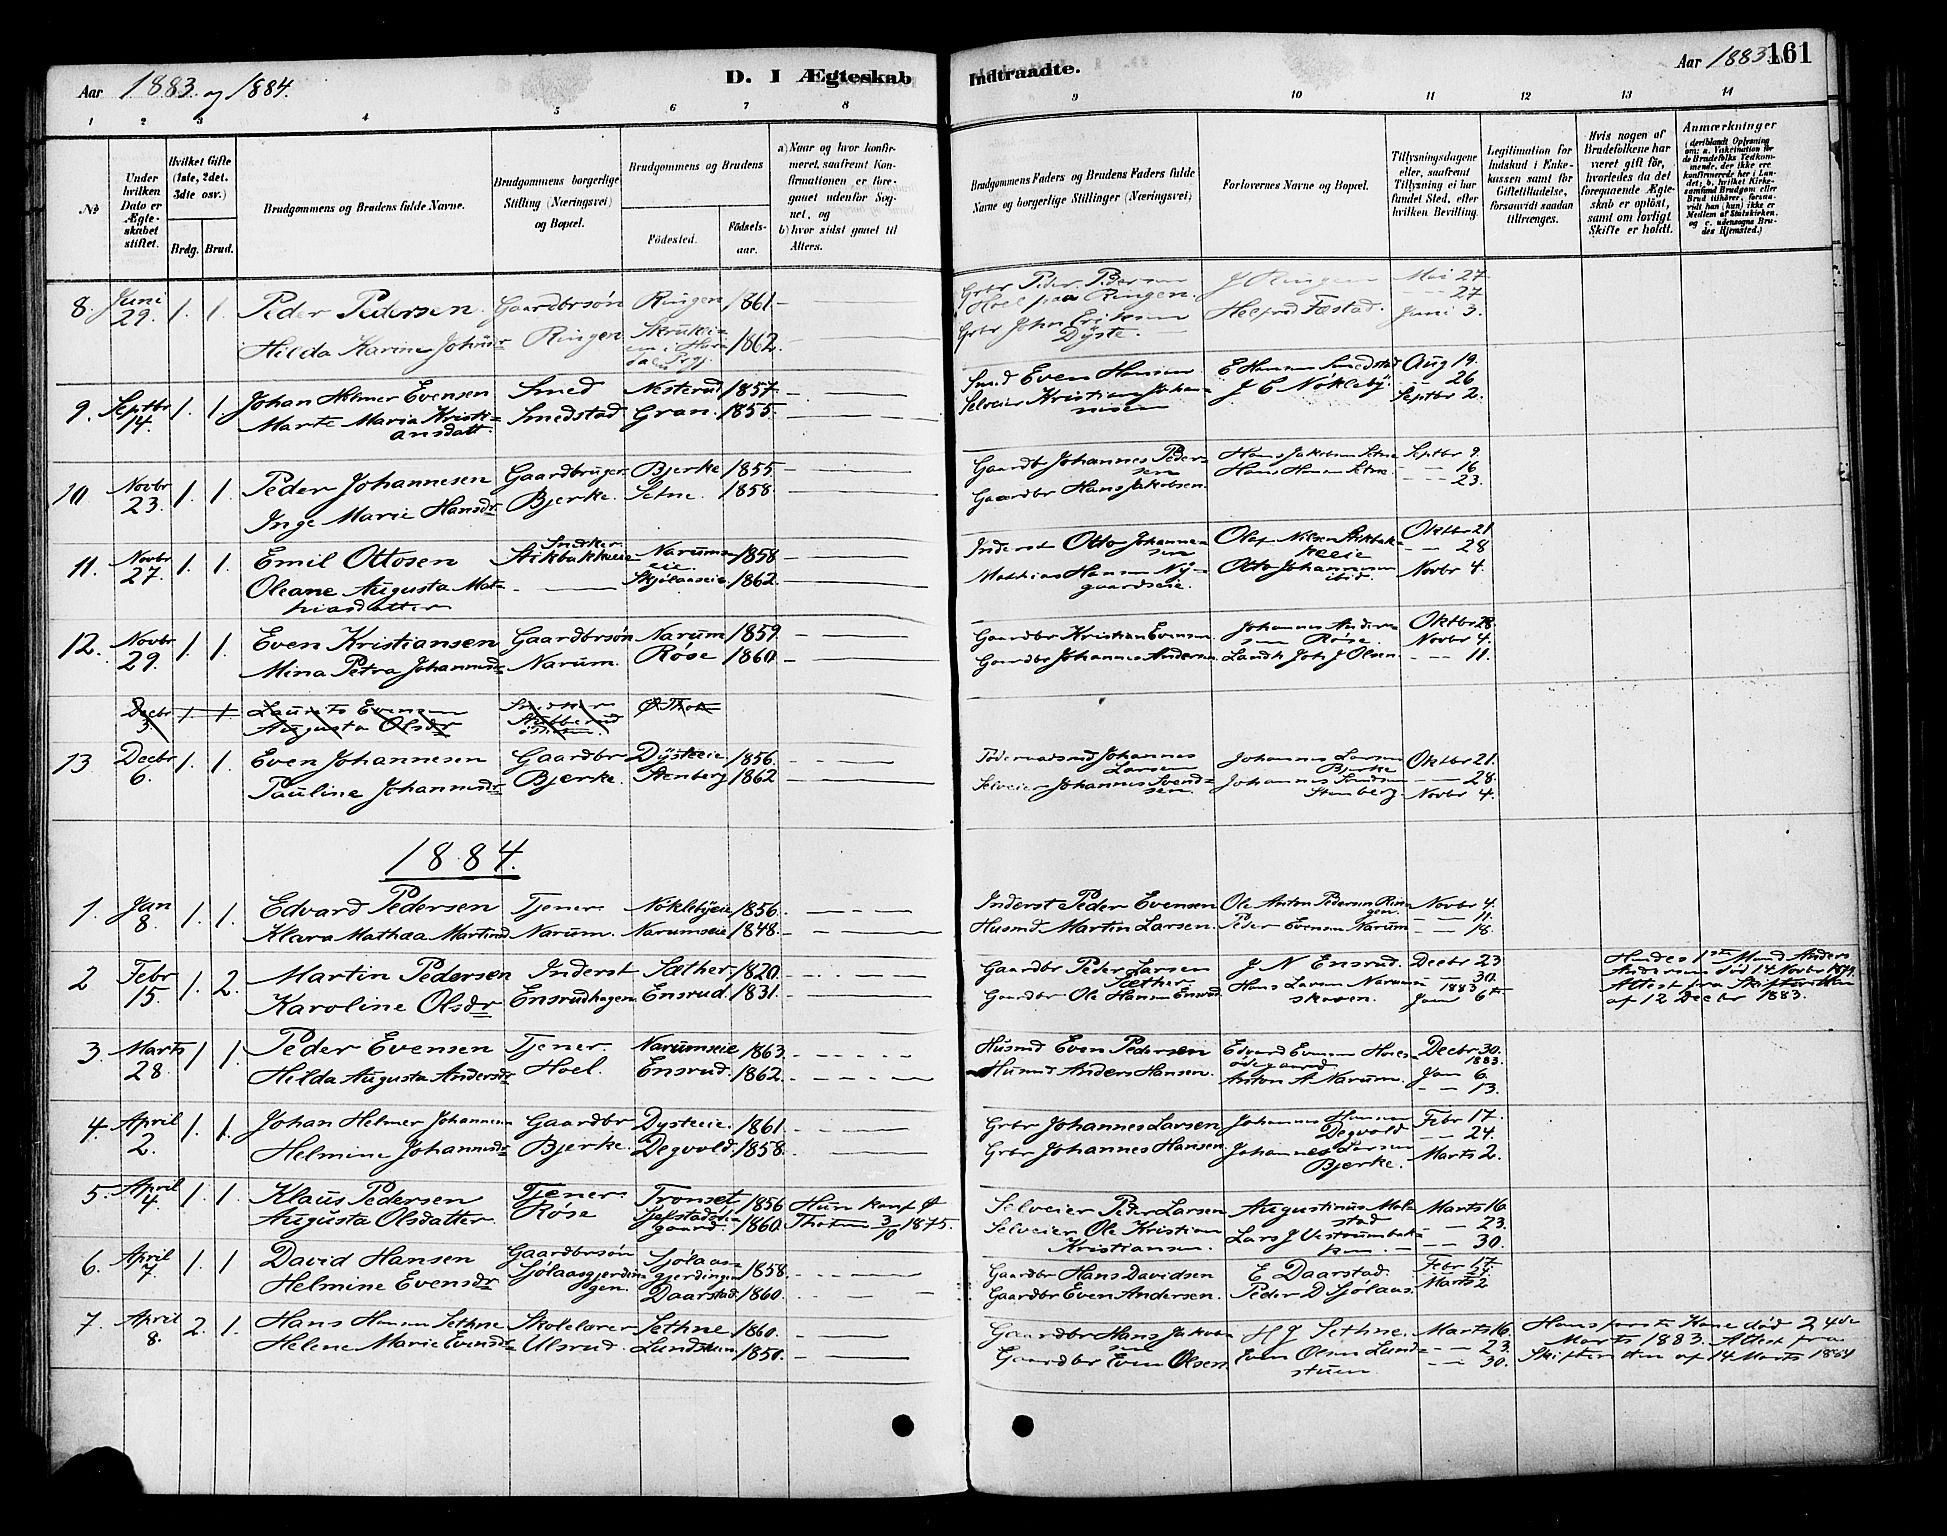 SAH, Vestre Toten prestekontor, Ministerialbok nr. 10, 1878-1894, s. 161